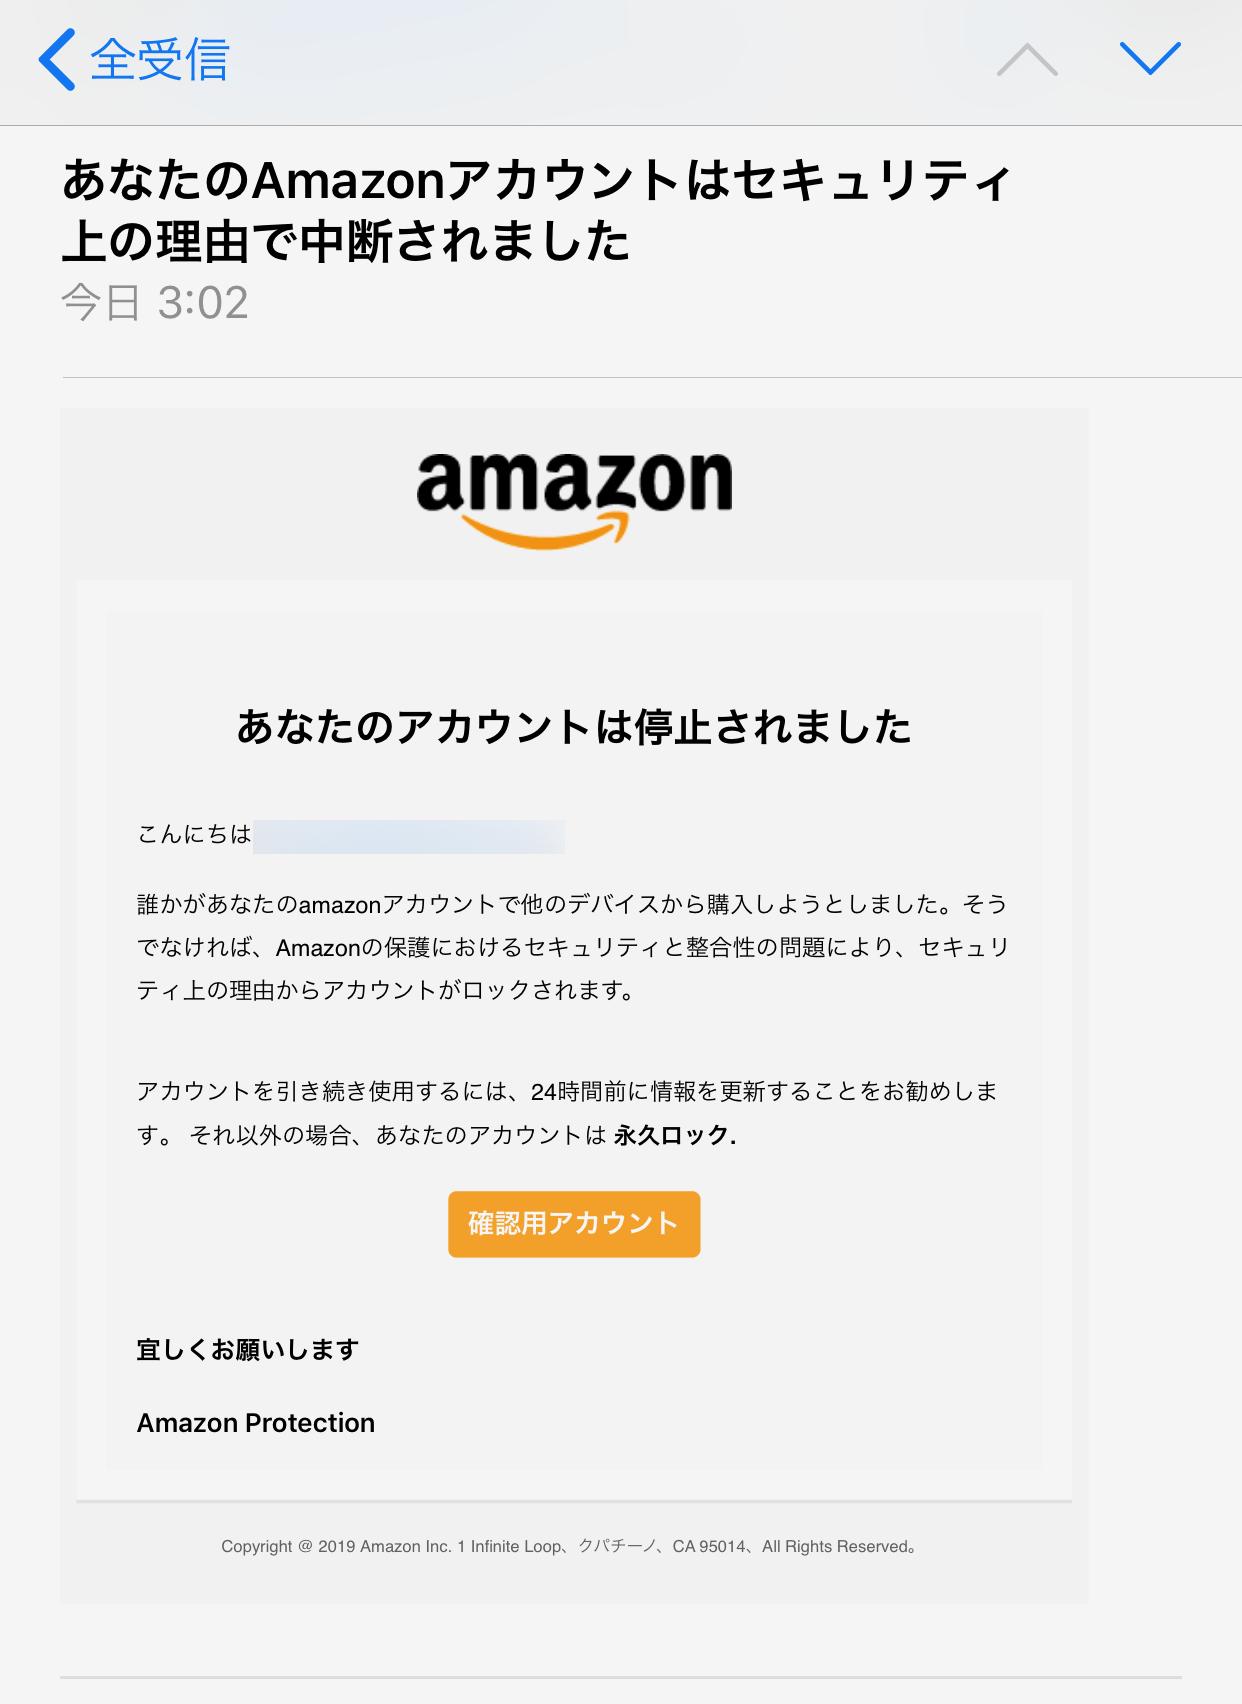 AmazonBAN fakefishingmail 03